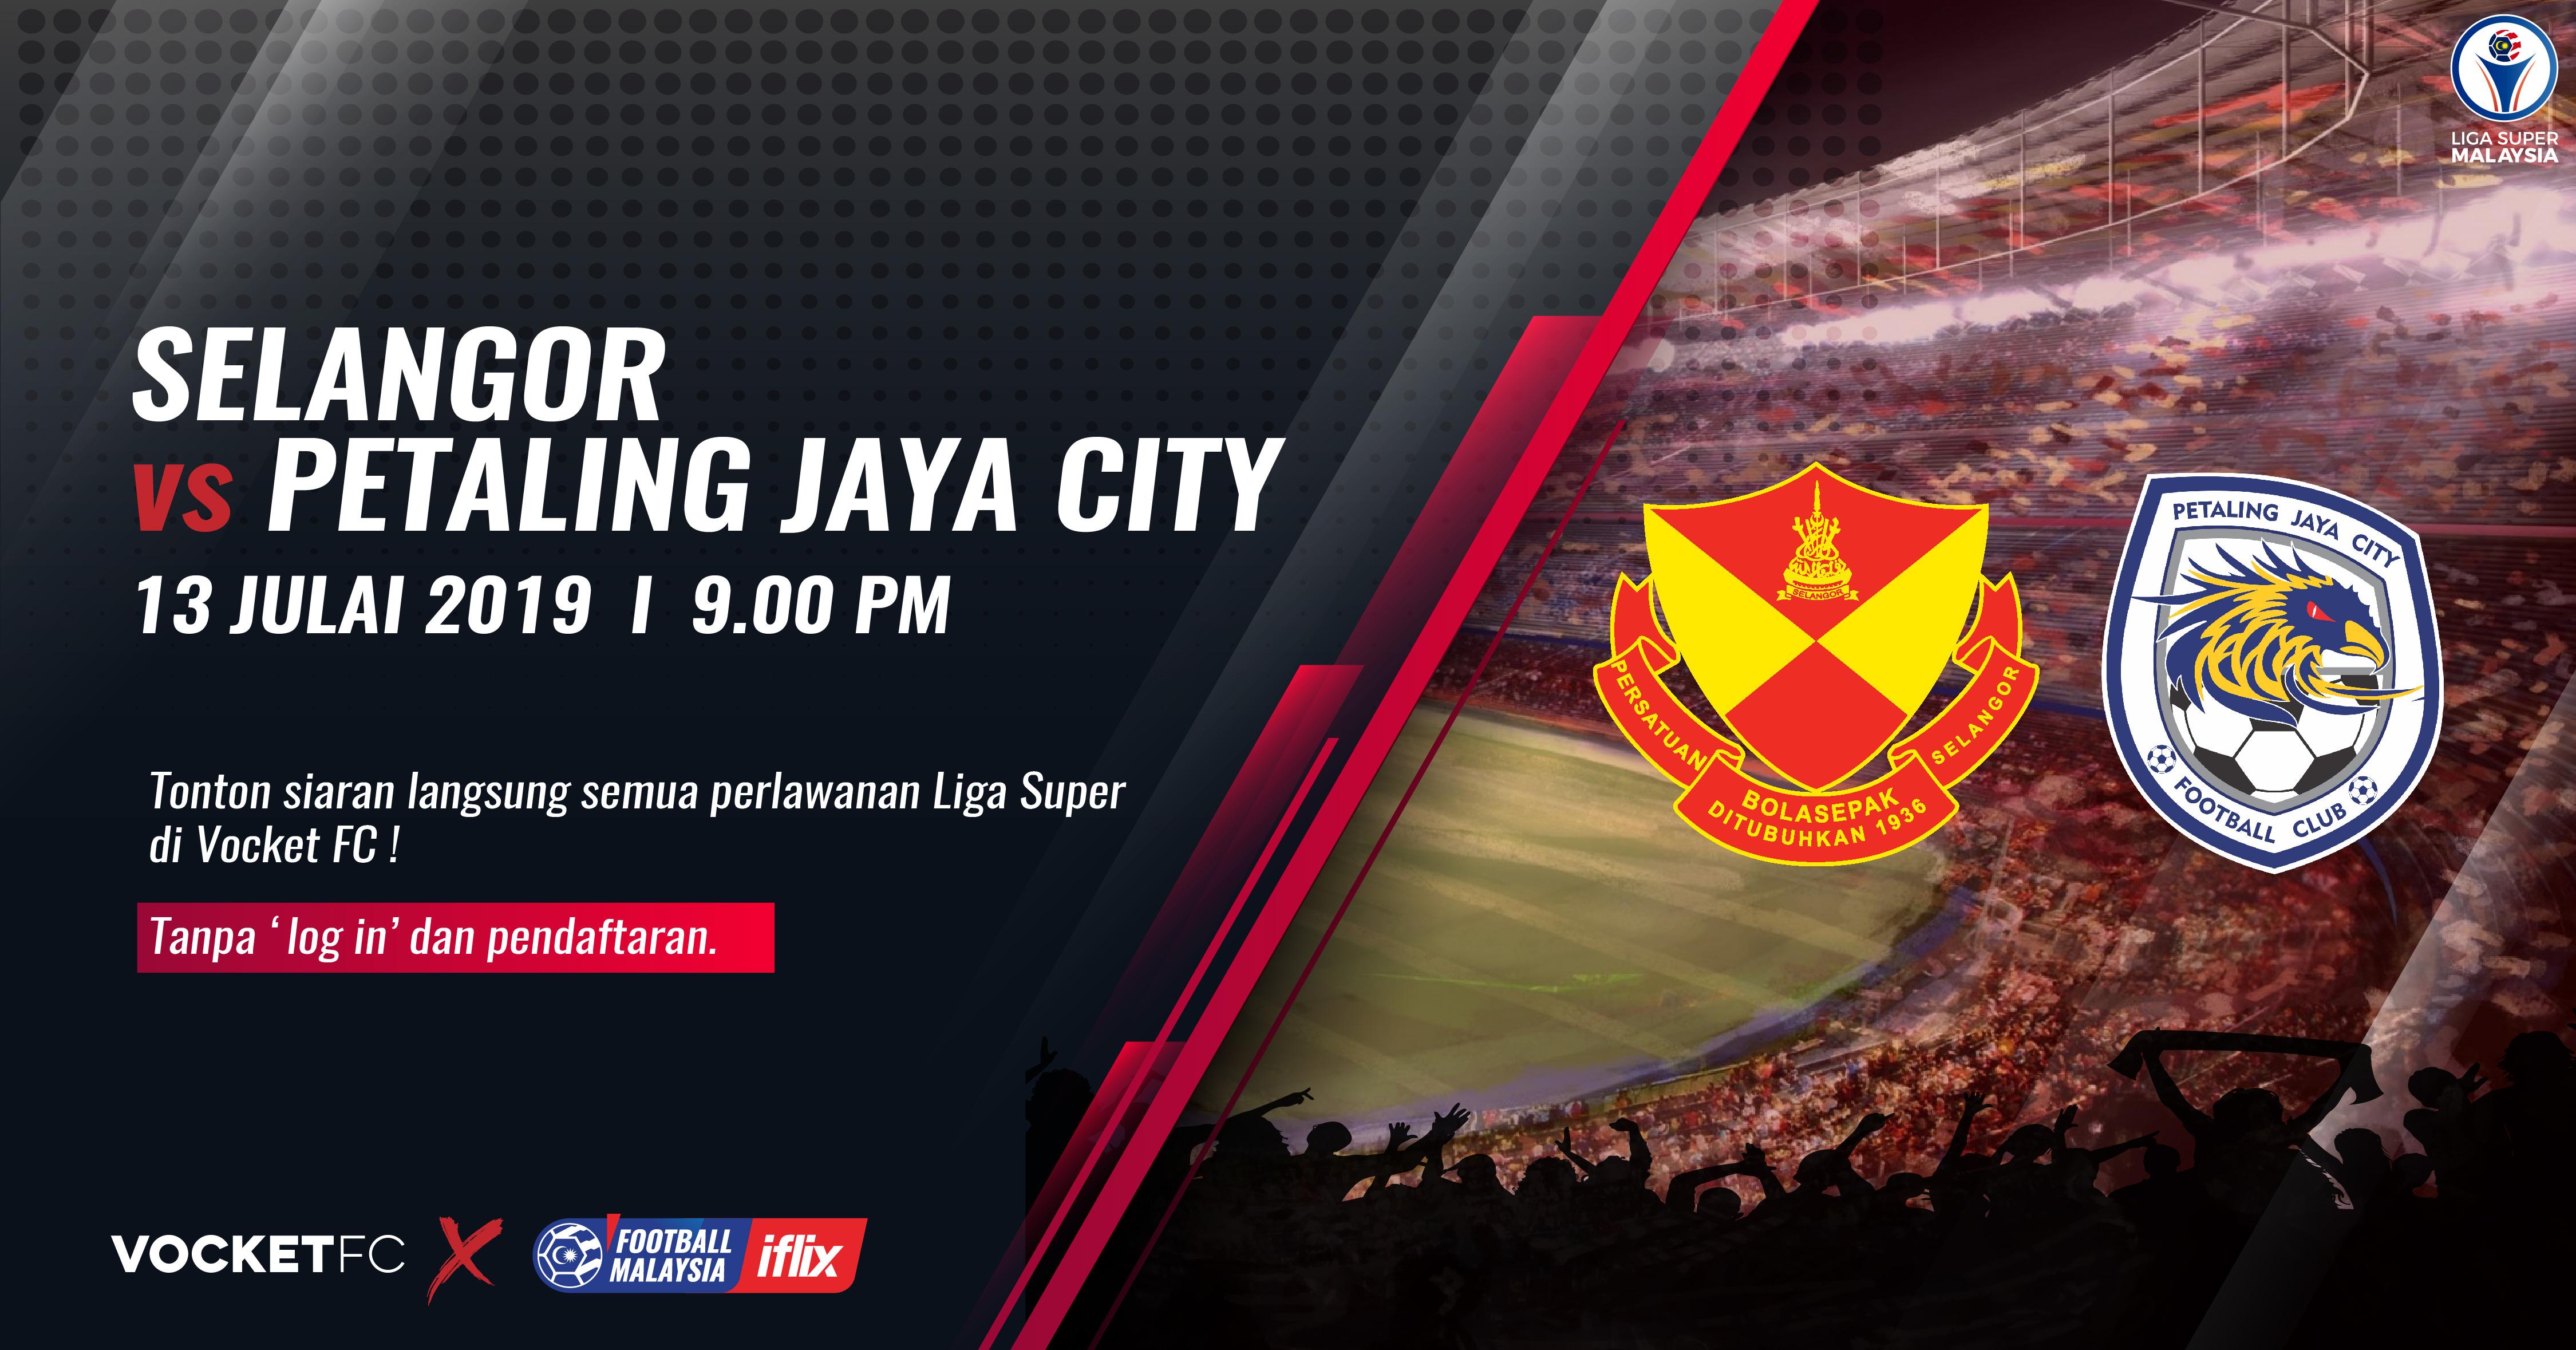 Selangor x Petaling Jaya City FC